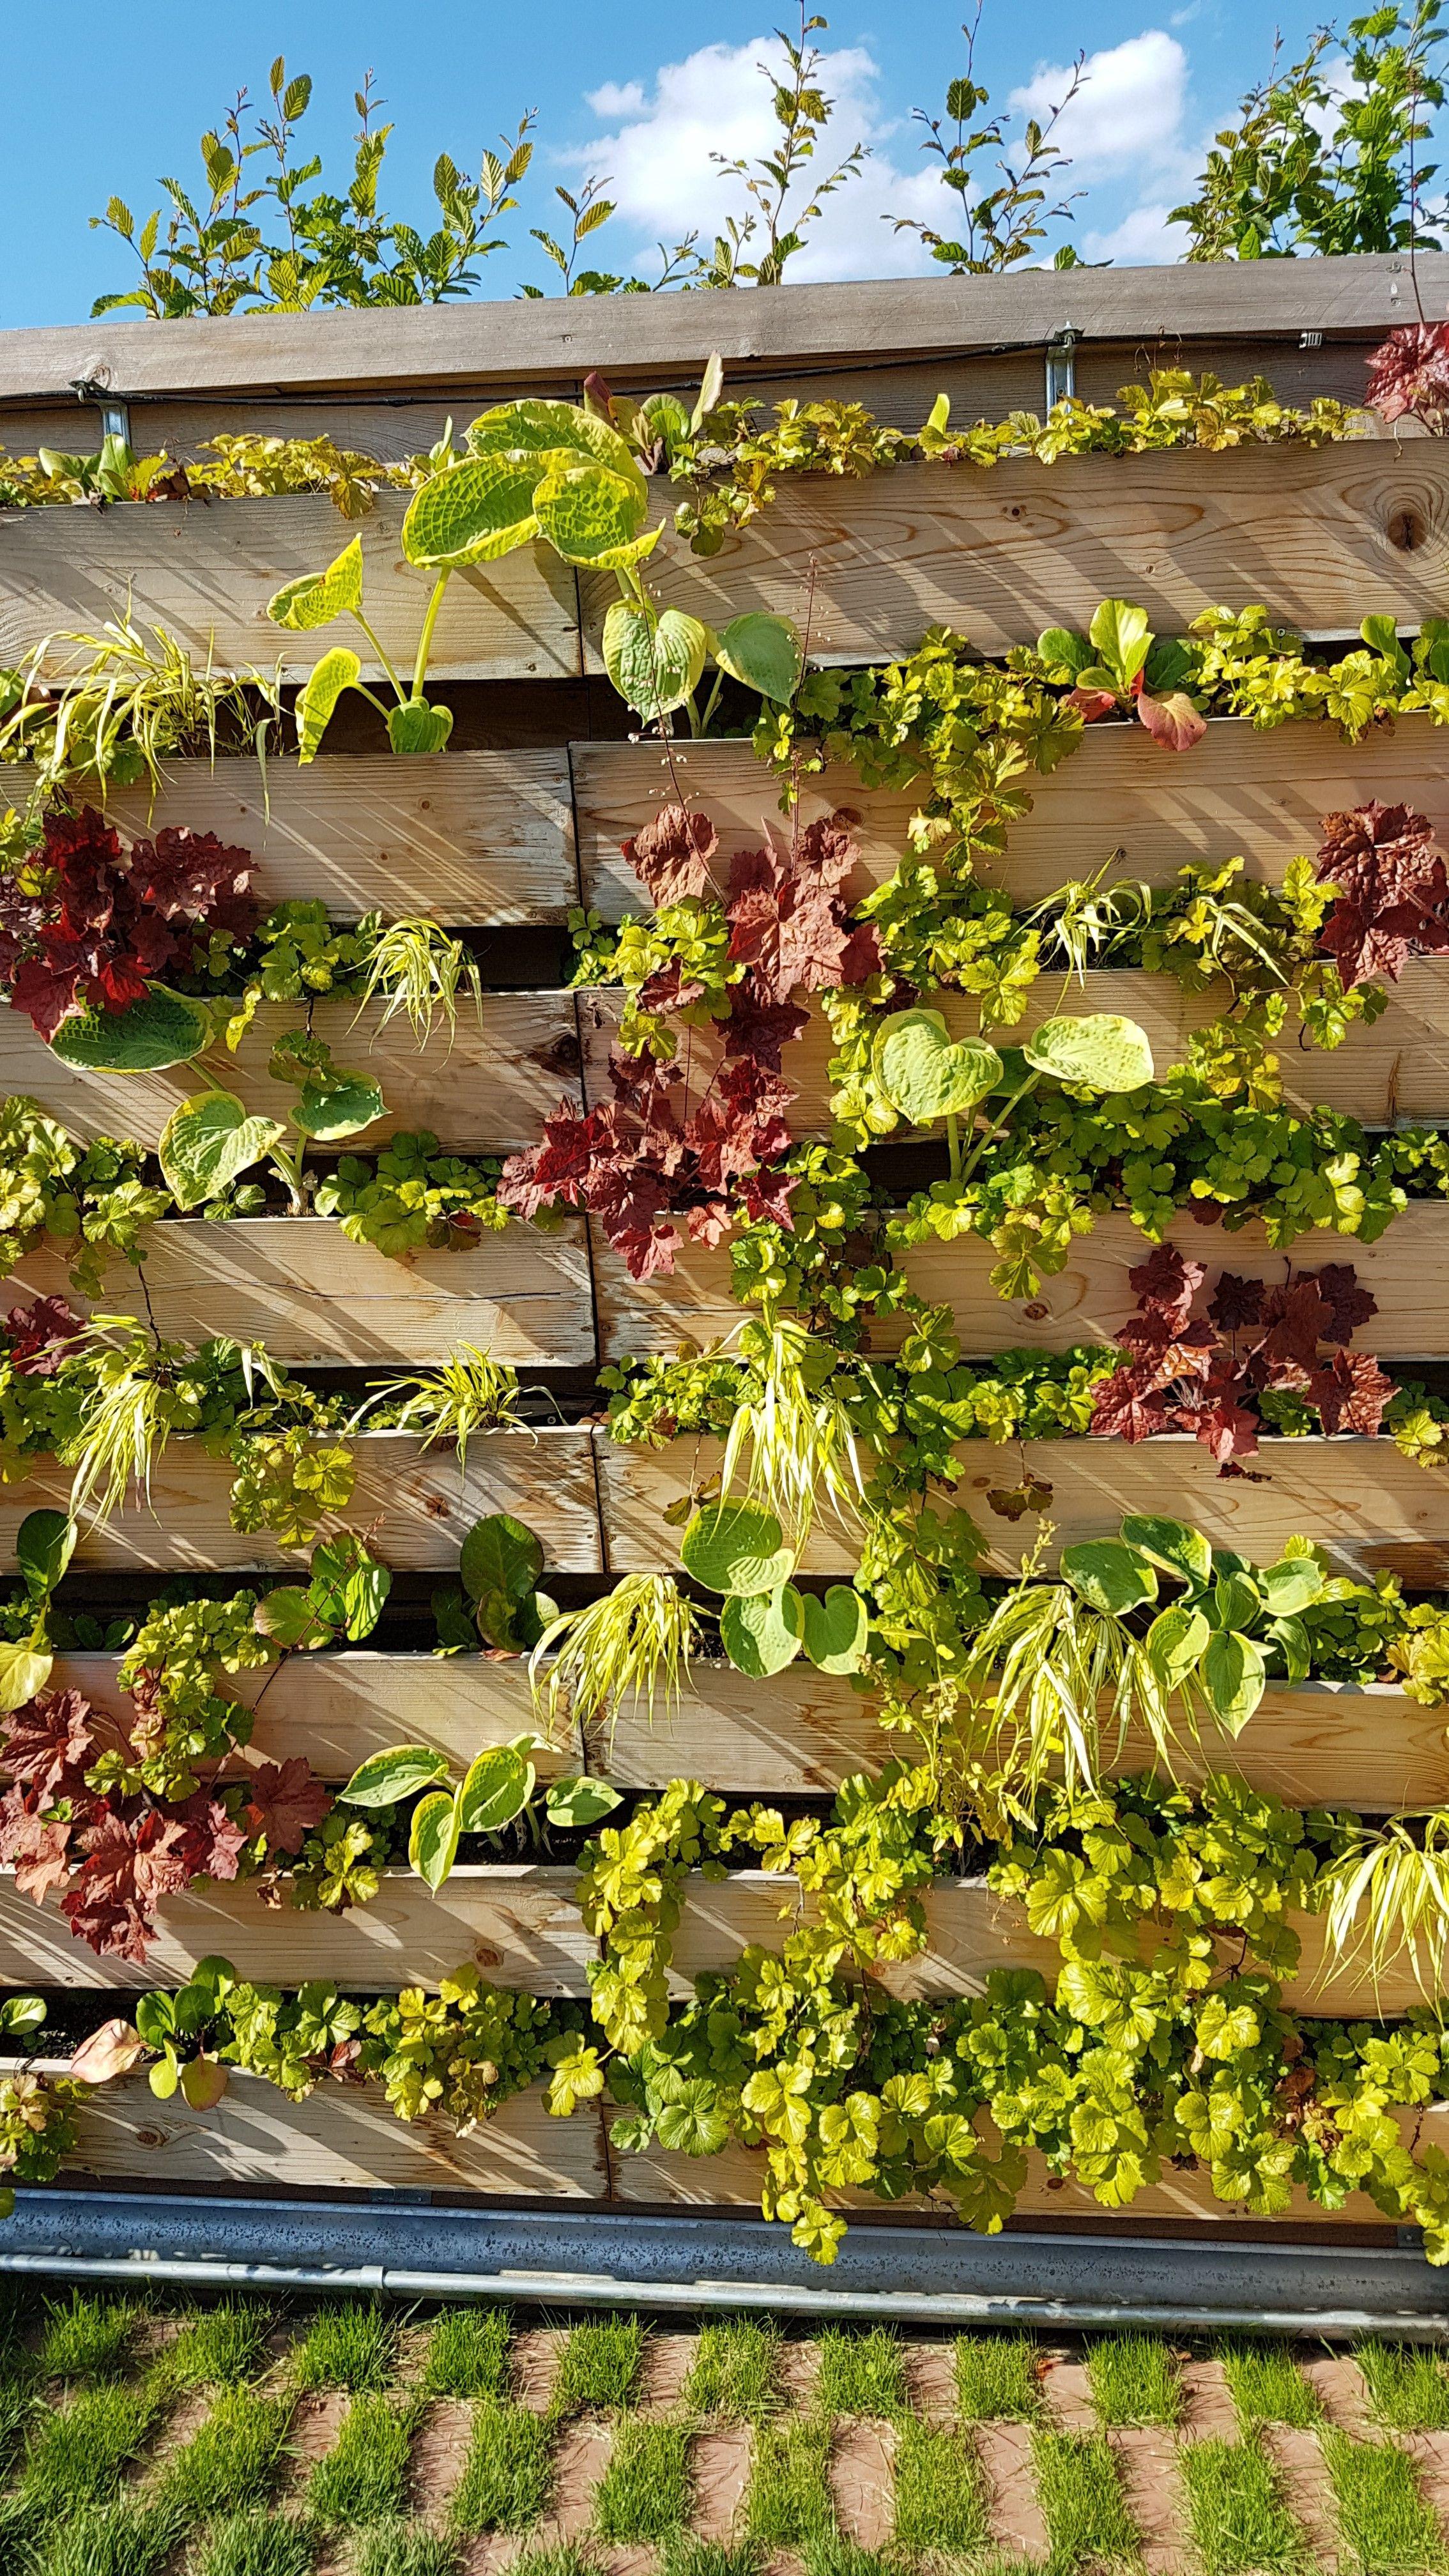 Gärtnern in Höhe Vertical Gardening eignet sich